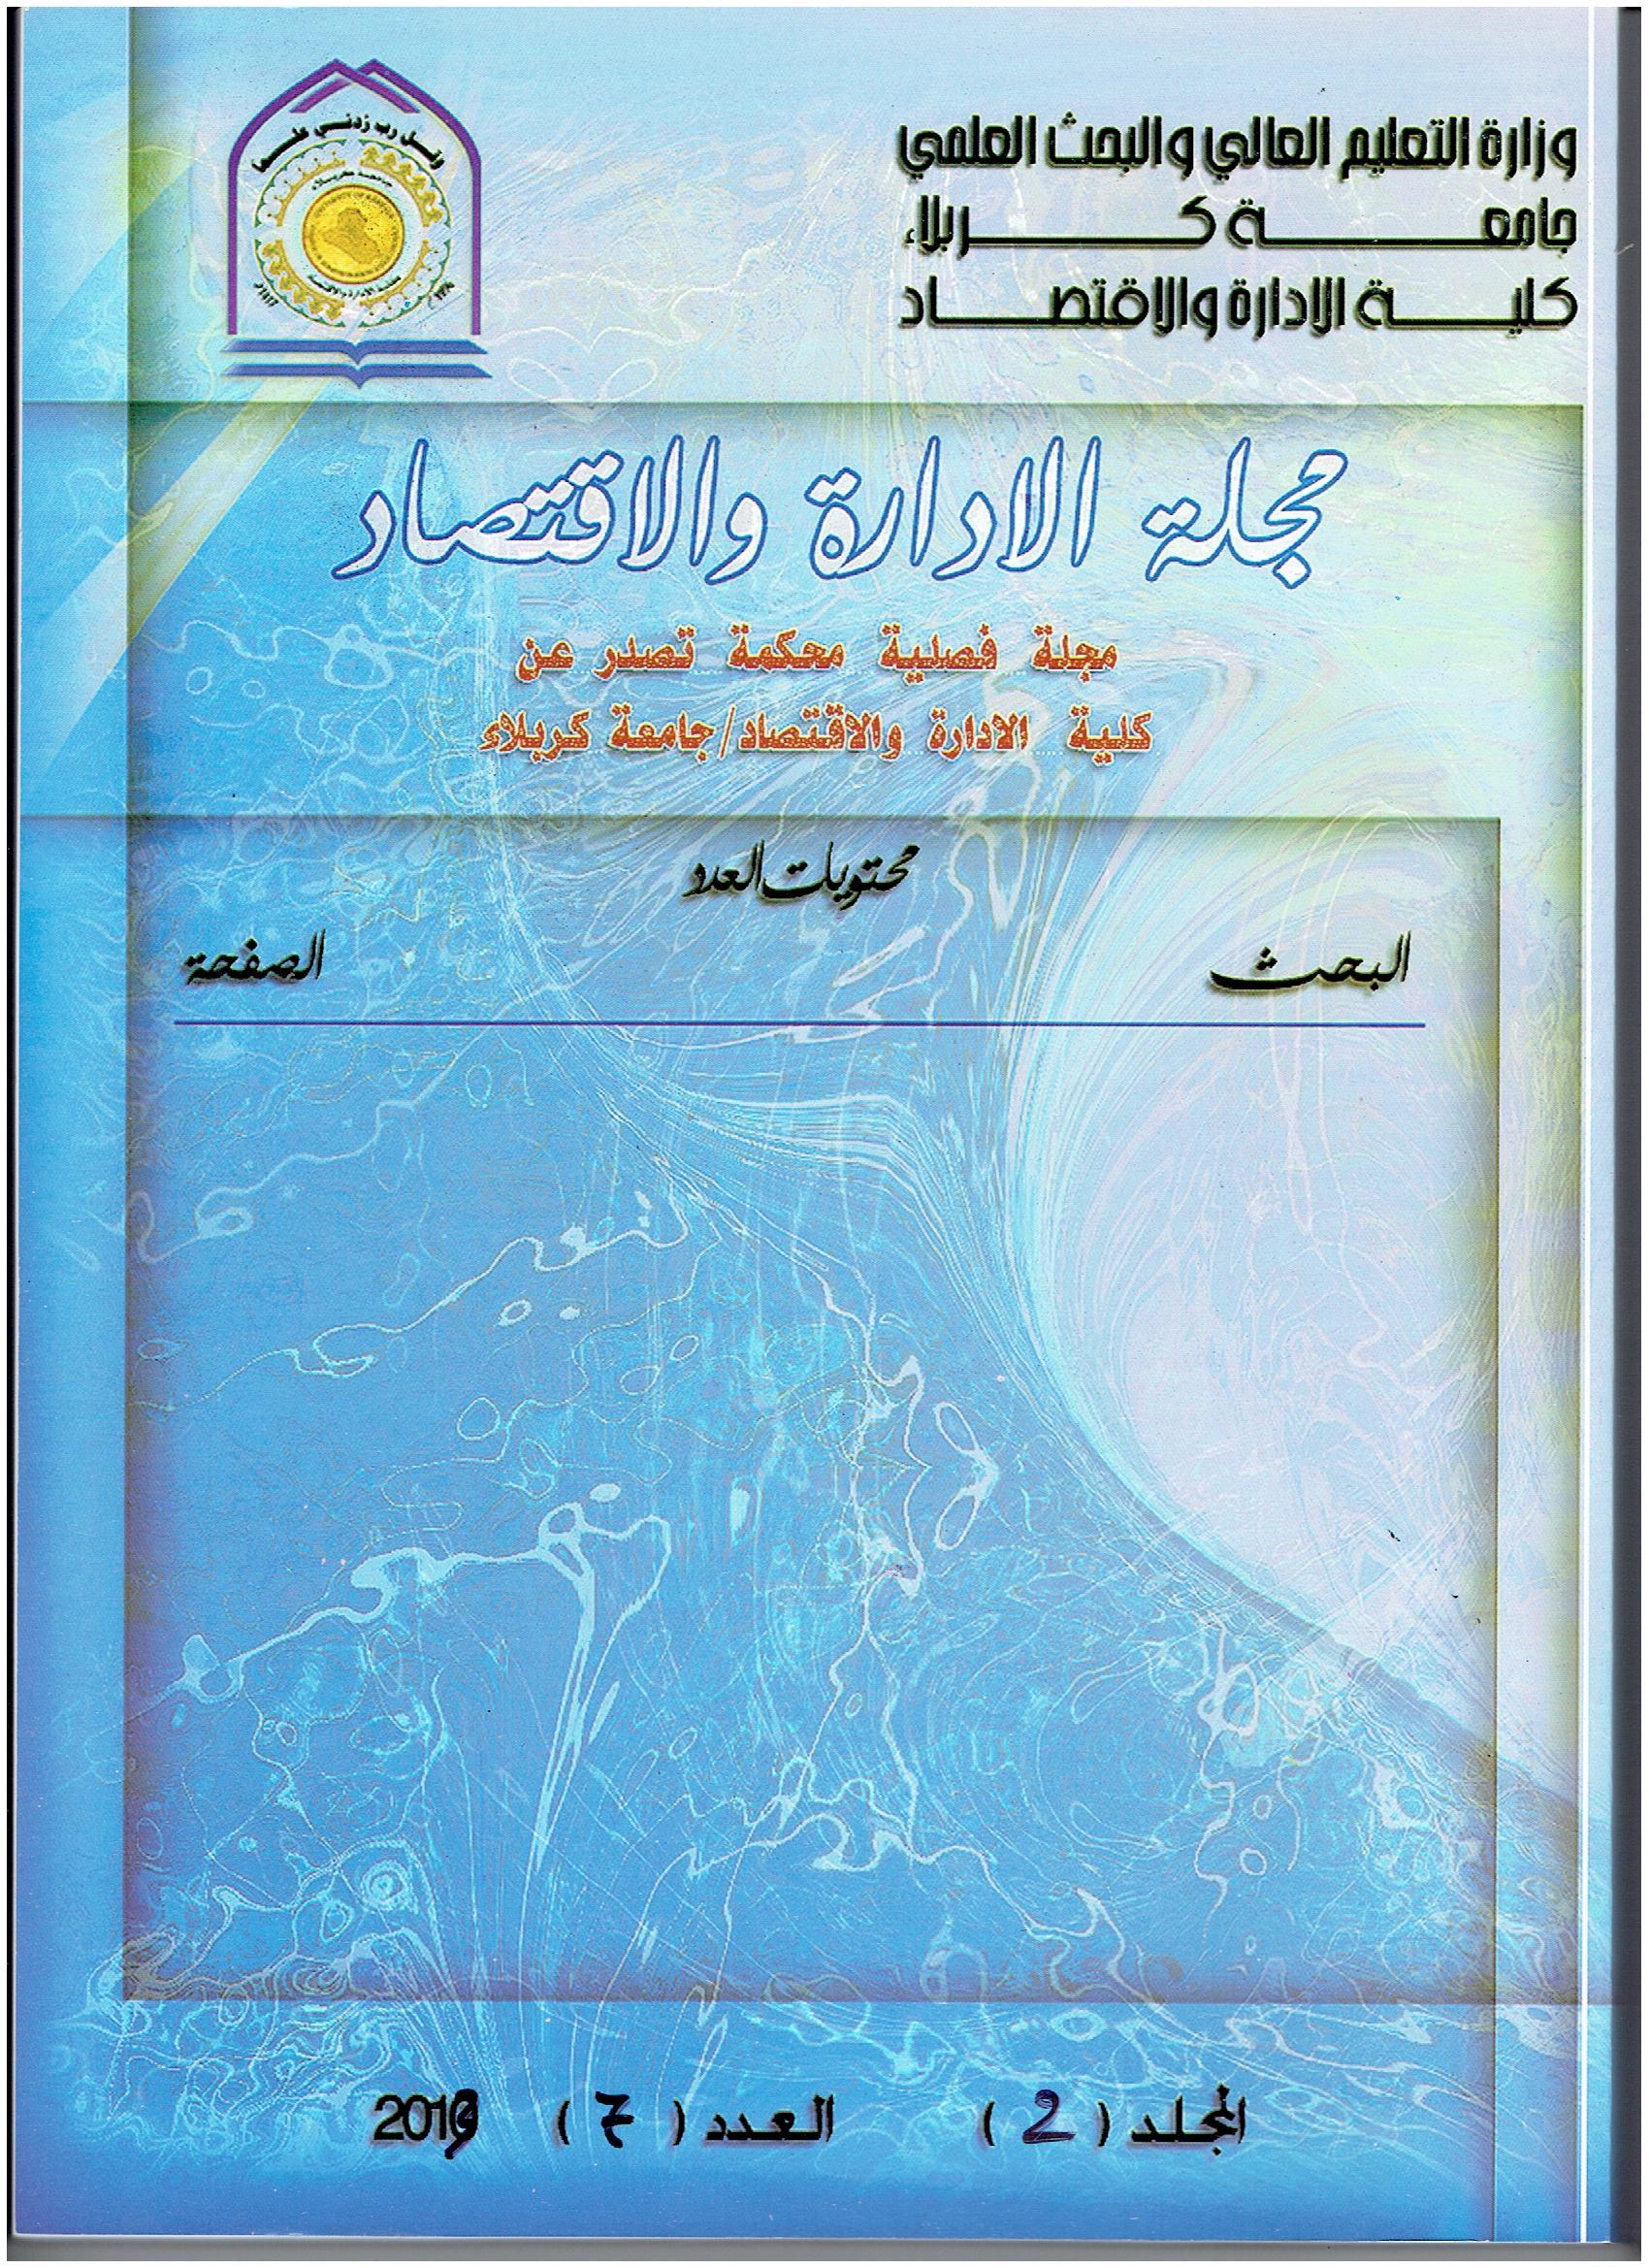 المجلد (2) العدد (7) أيلول 2013